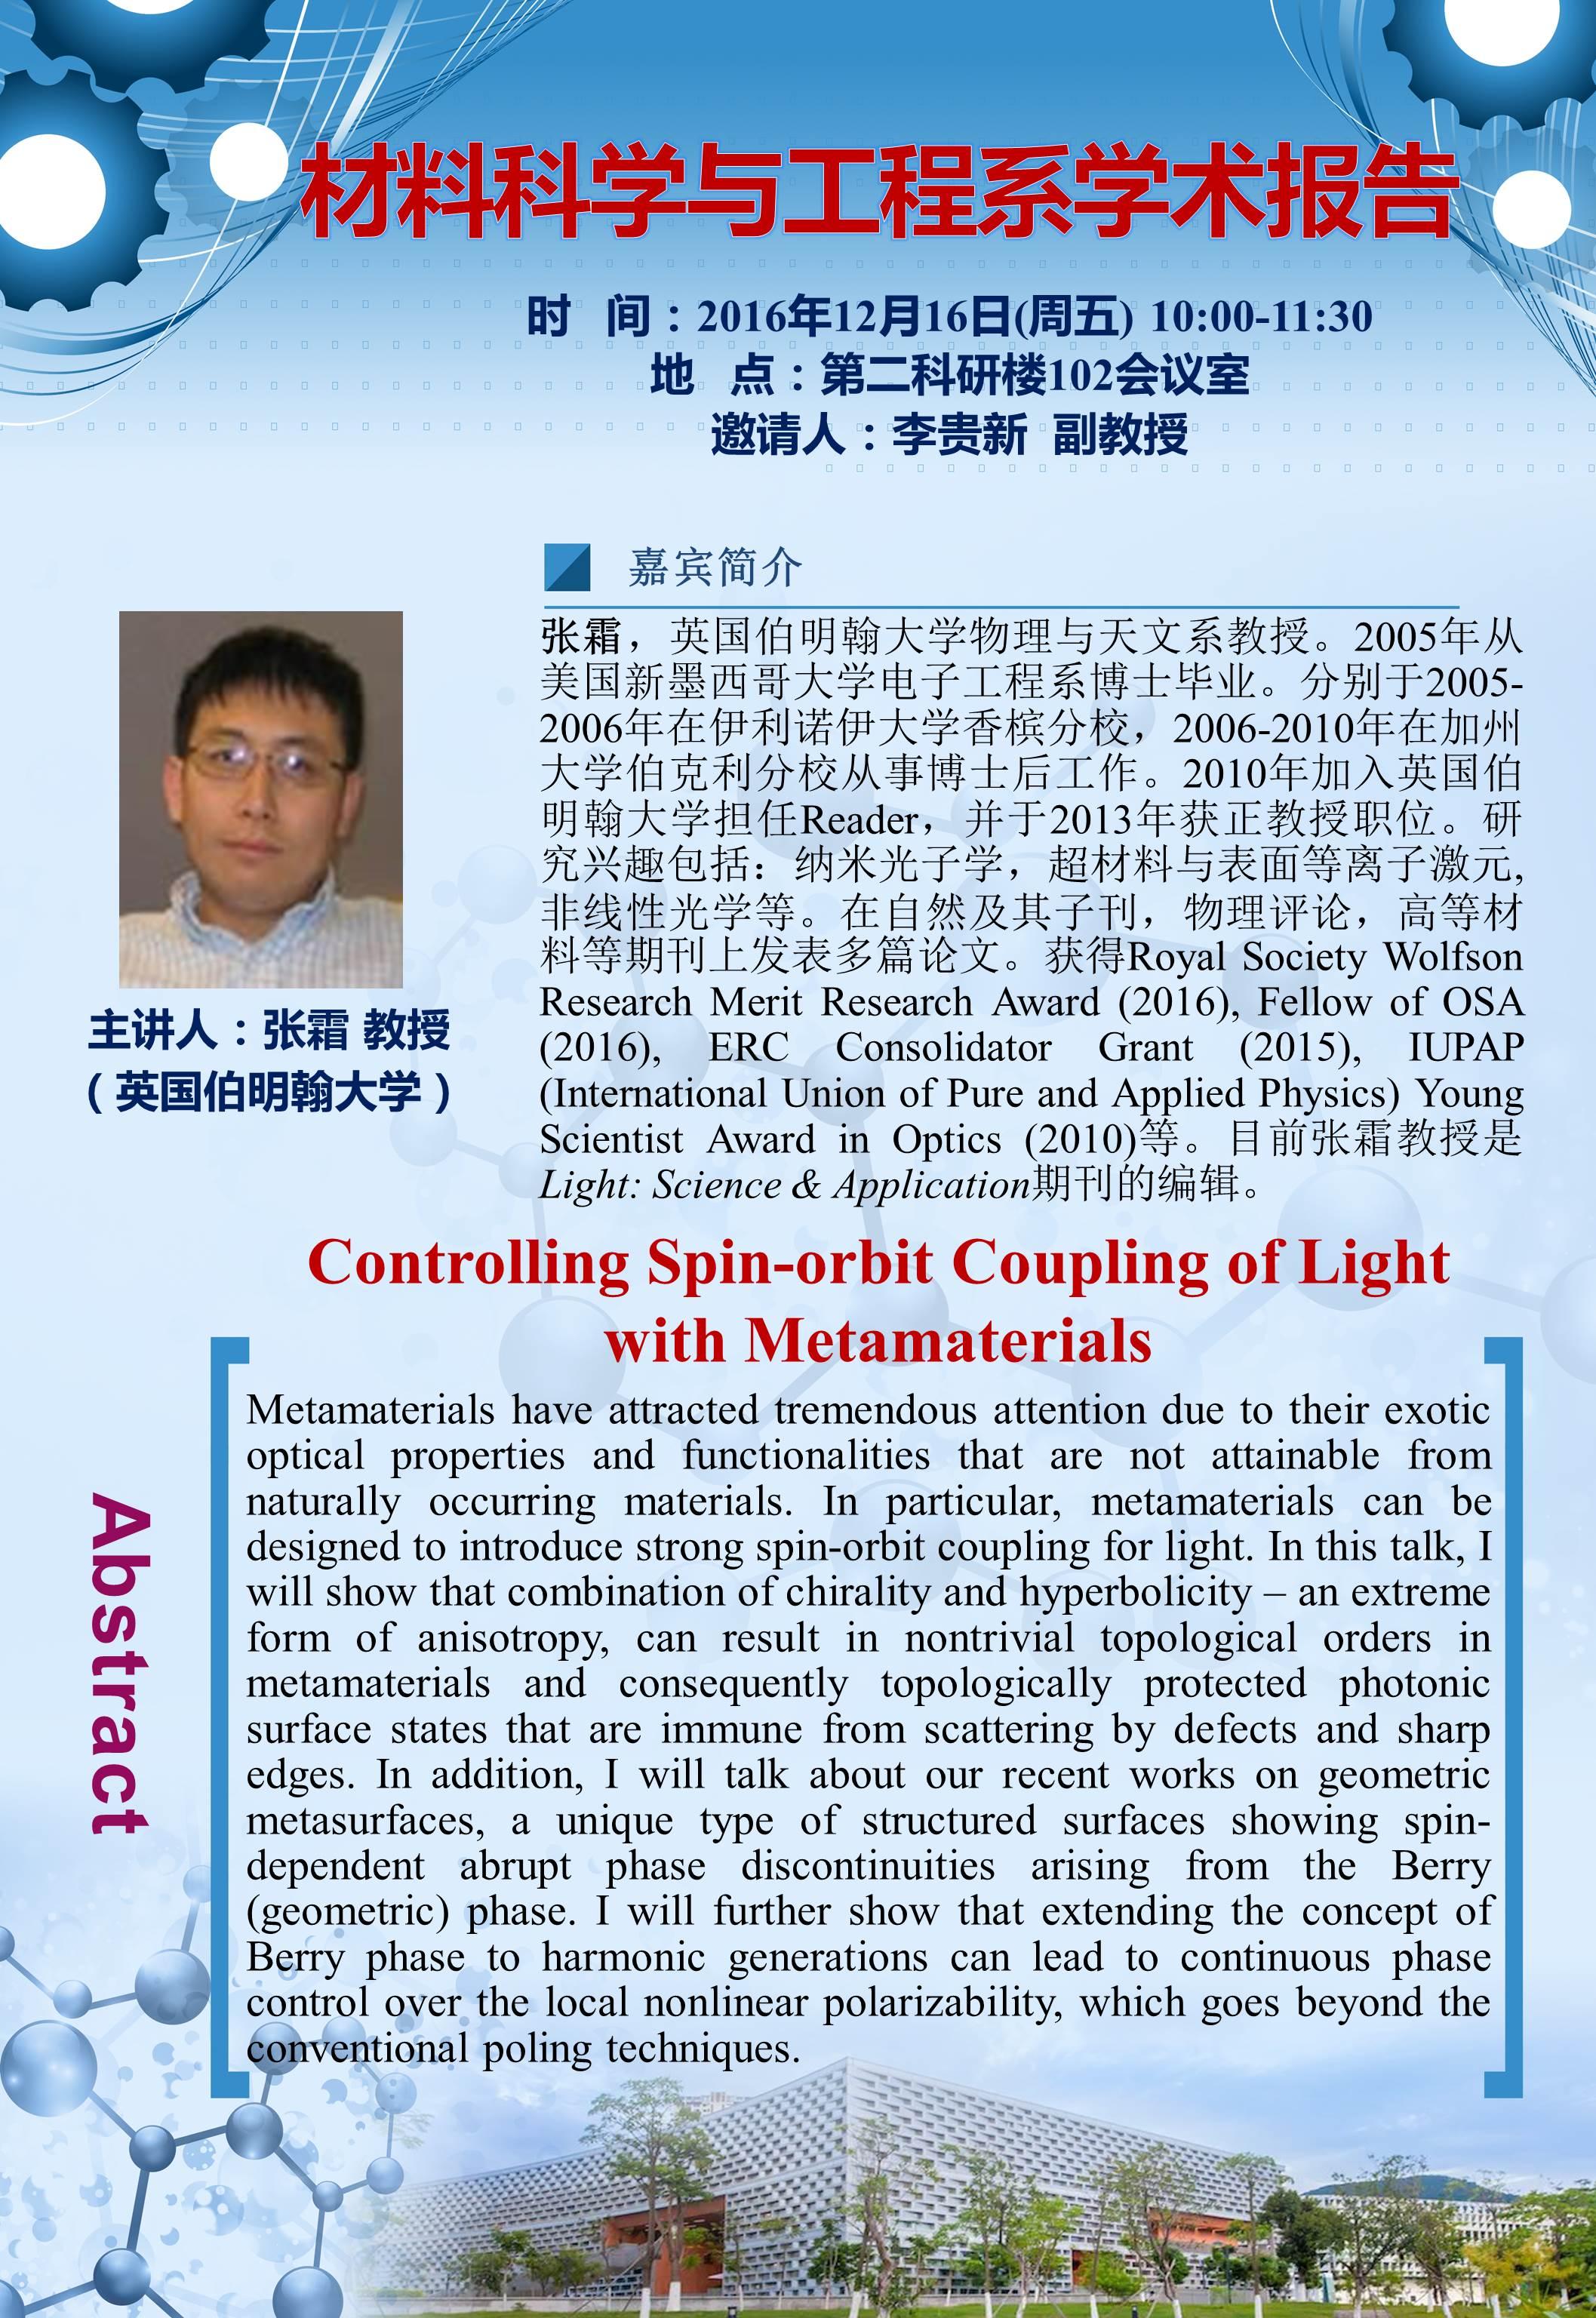 2016年12月16日材料系学术报告---张霜教授.jpg